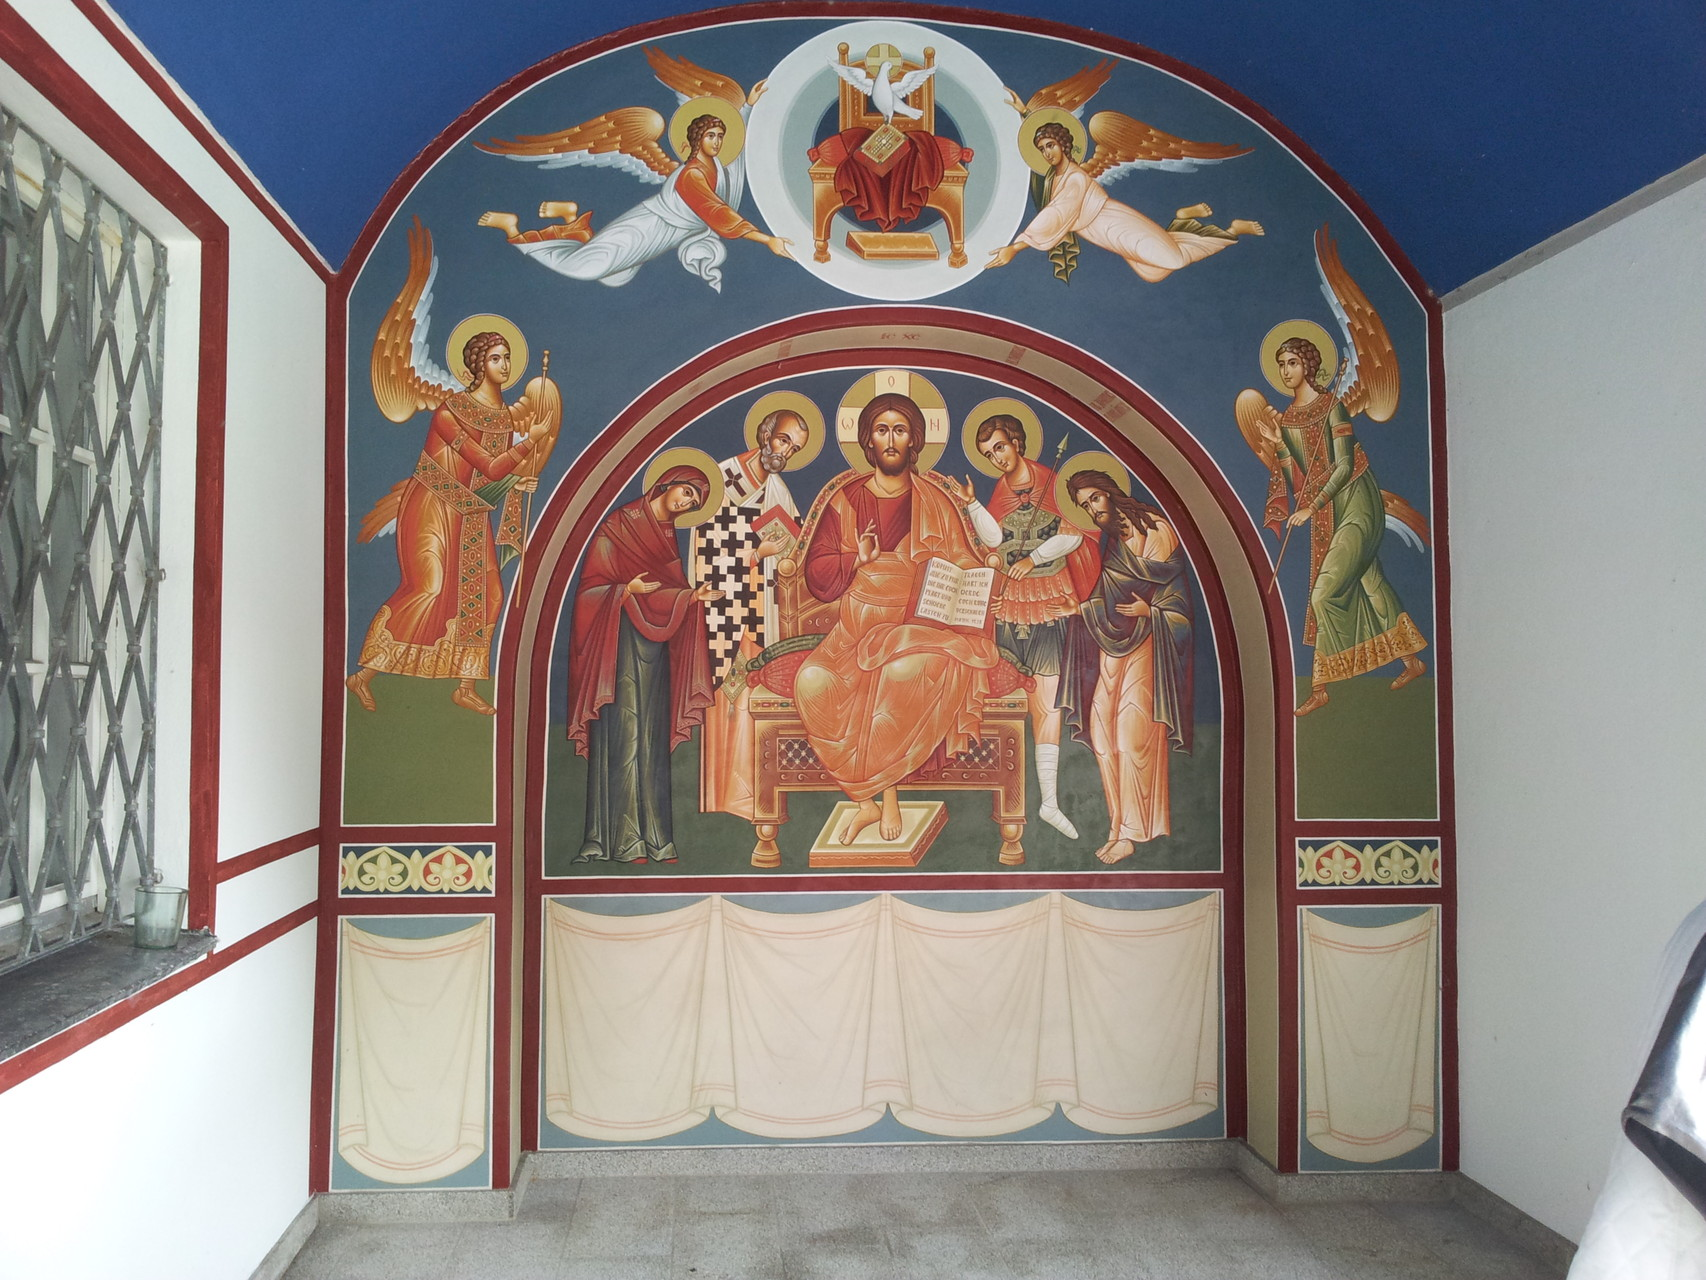 Kloster Niederaltaich